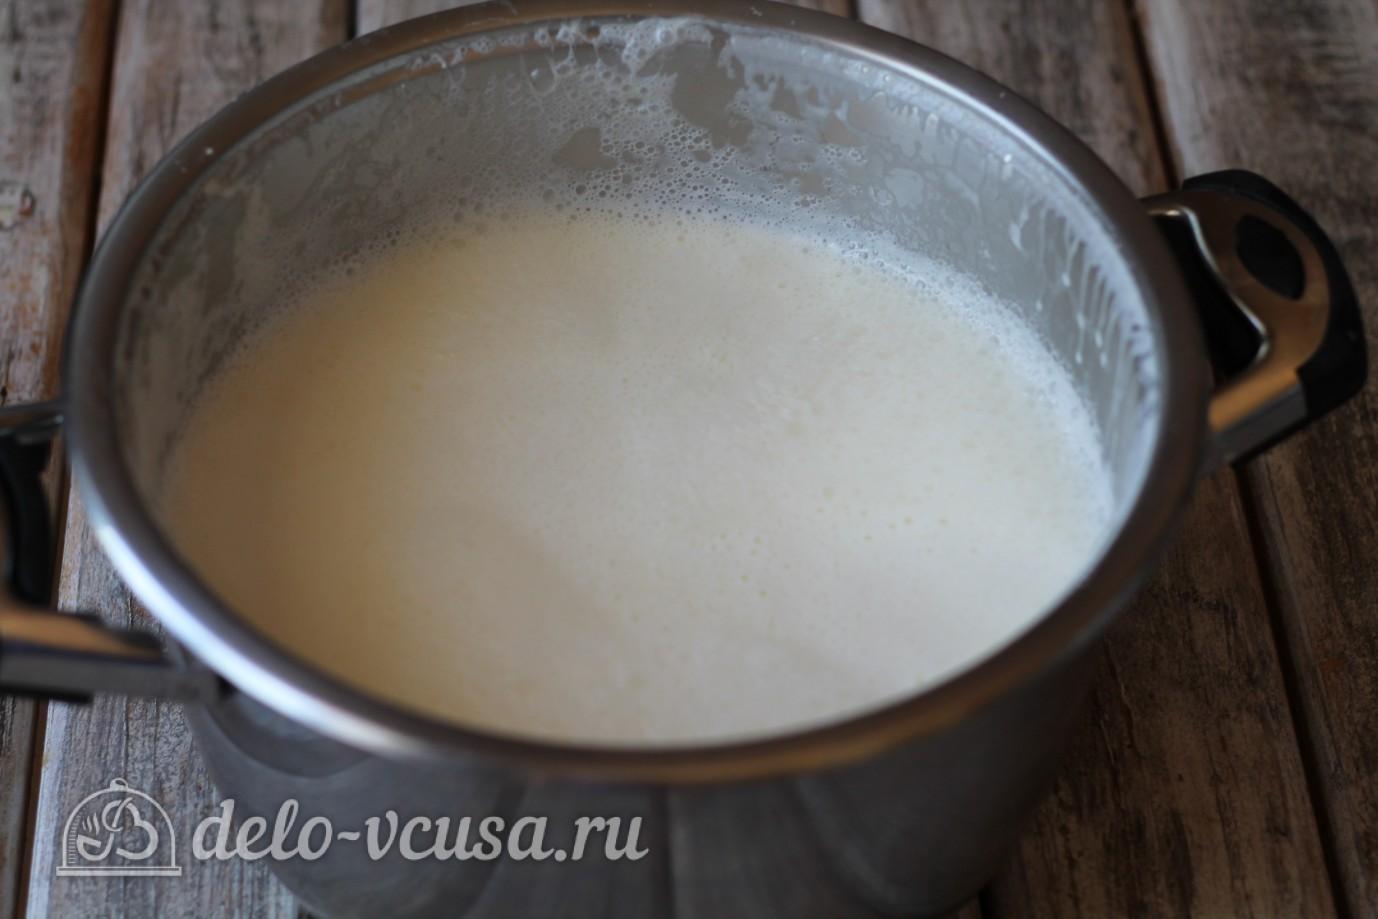 Домашняя брынза: Довести молоко до кипения